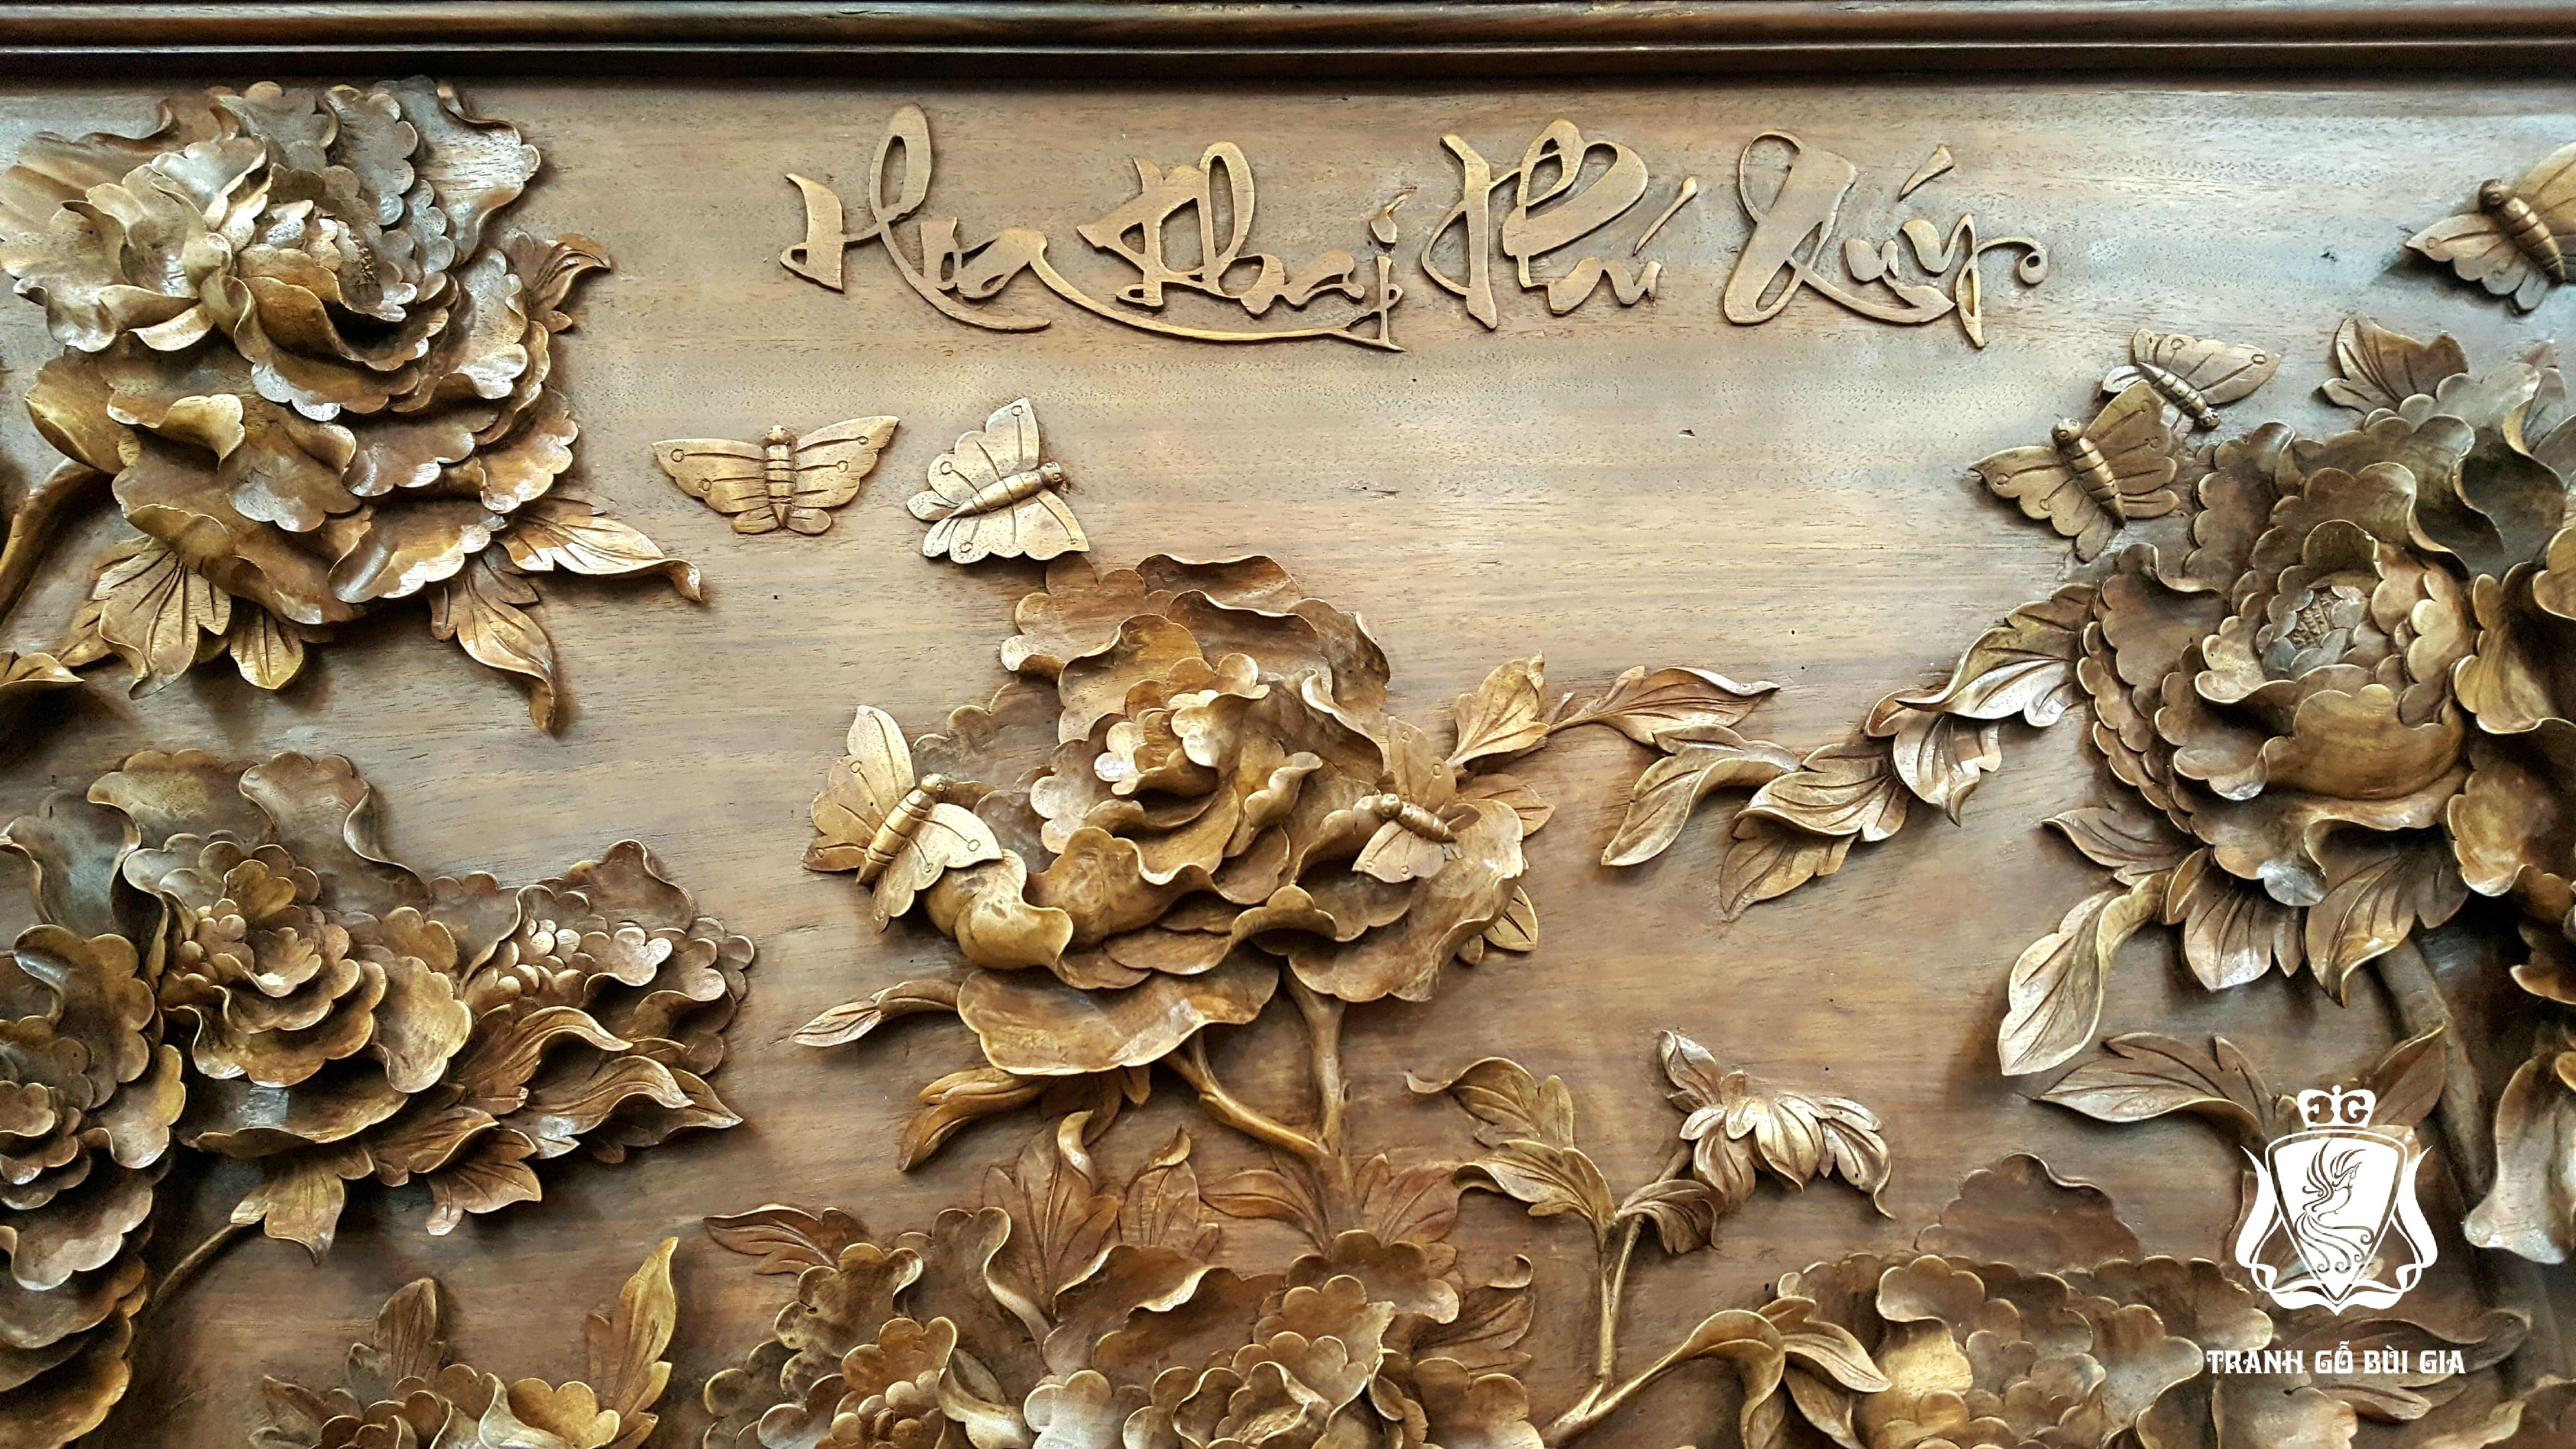 Tranh Gỗ Hoa Mẫu Đơn. Tuyệt kỹ đục cánh hoa tơi nét